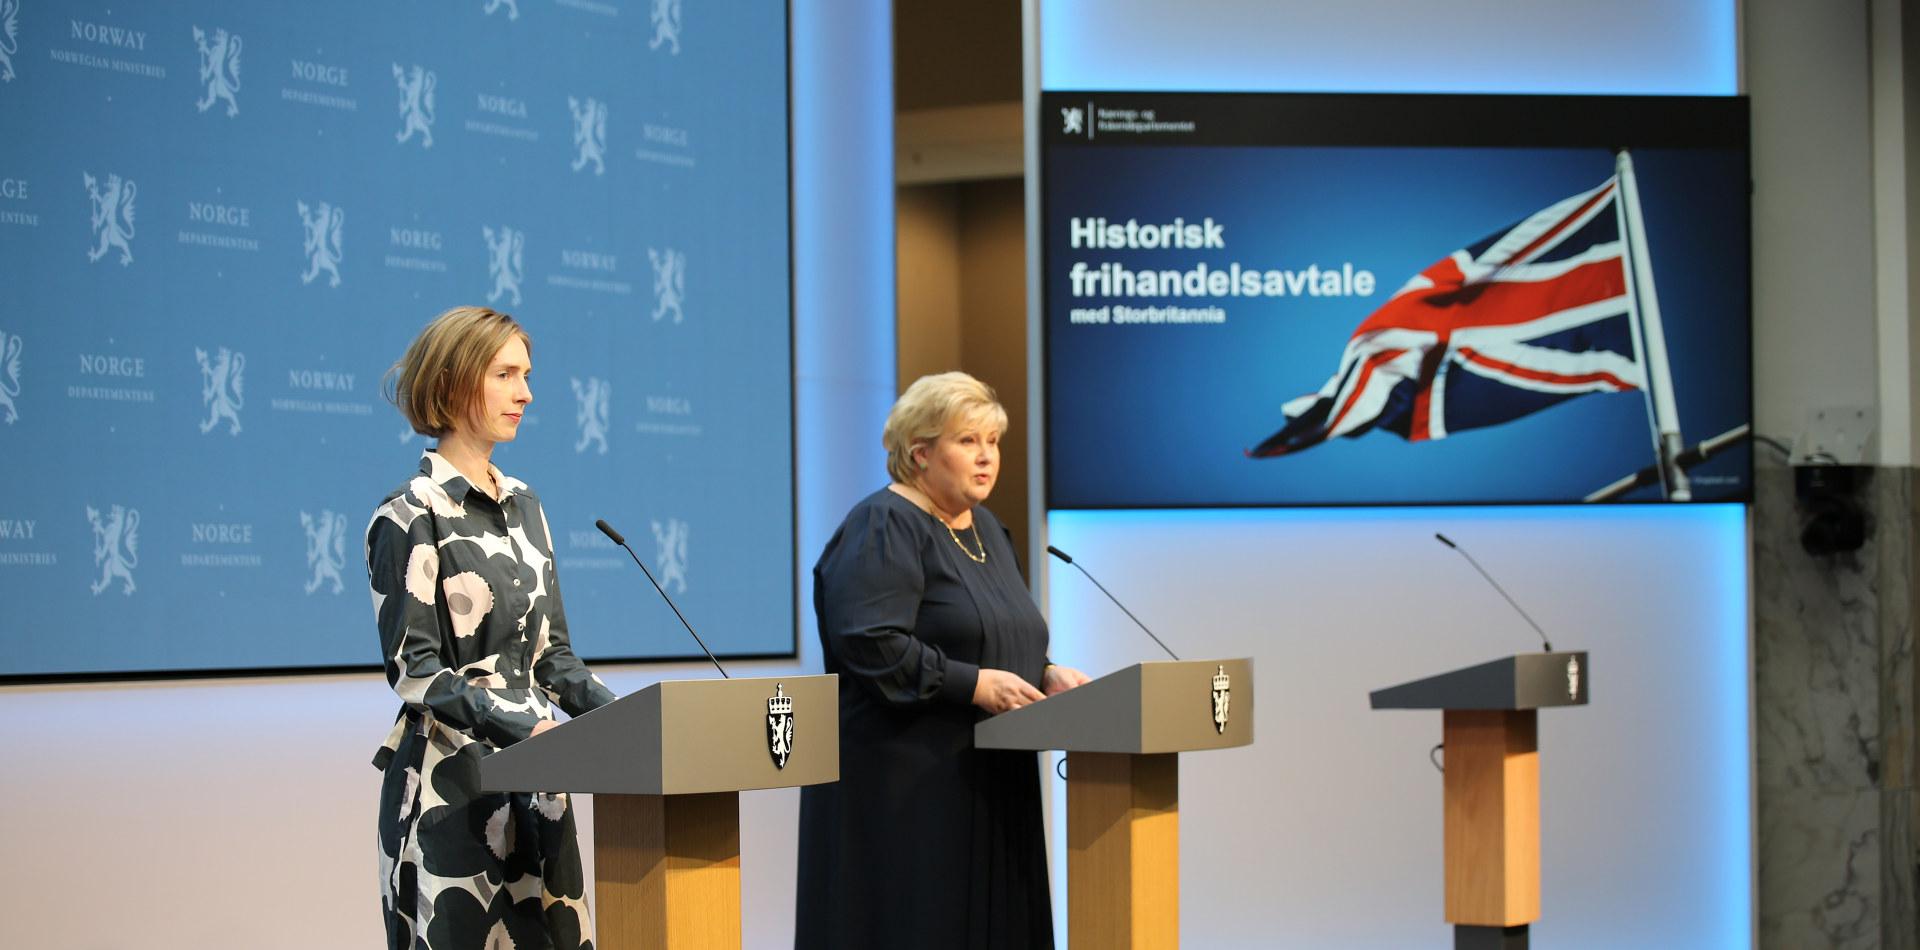 Næringsminister Iselin Nybø og statsminister Erna Solberg på pressekonferansen om en historisk frihandelsavtale med Storbritannia 4. juni 2021. Foto: Øyvinn Myge / NFD